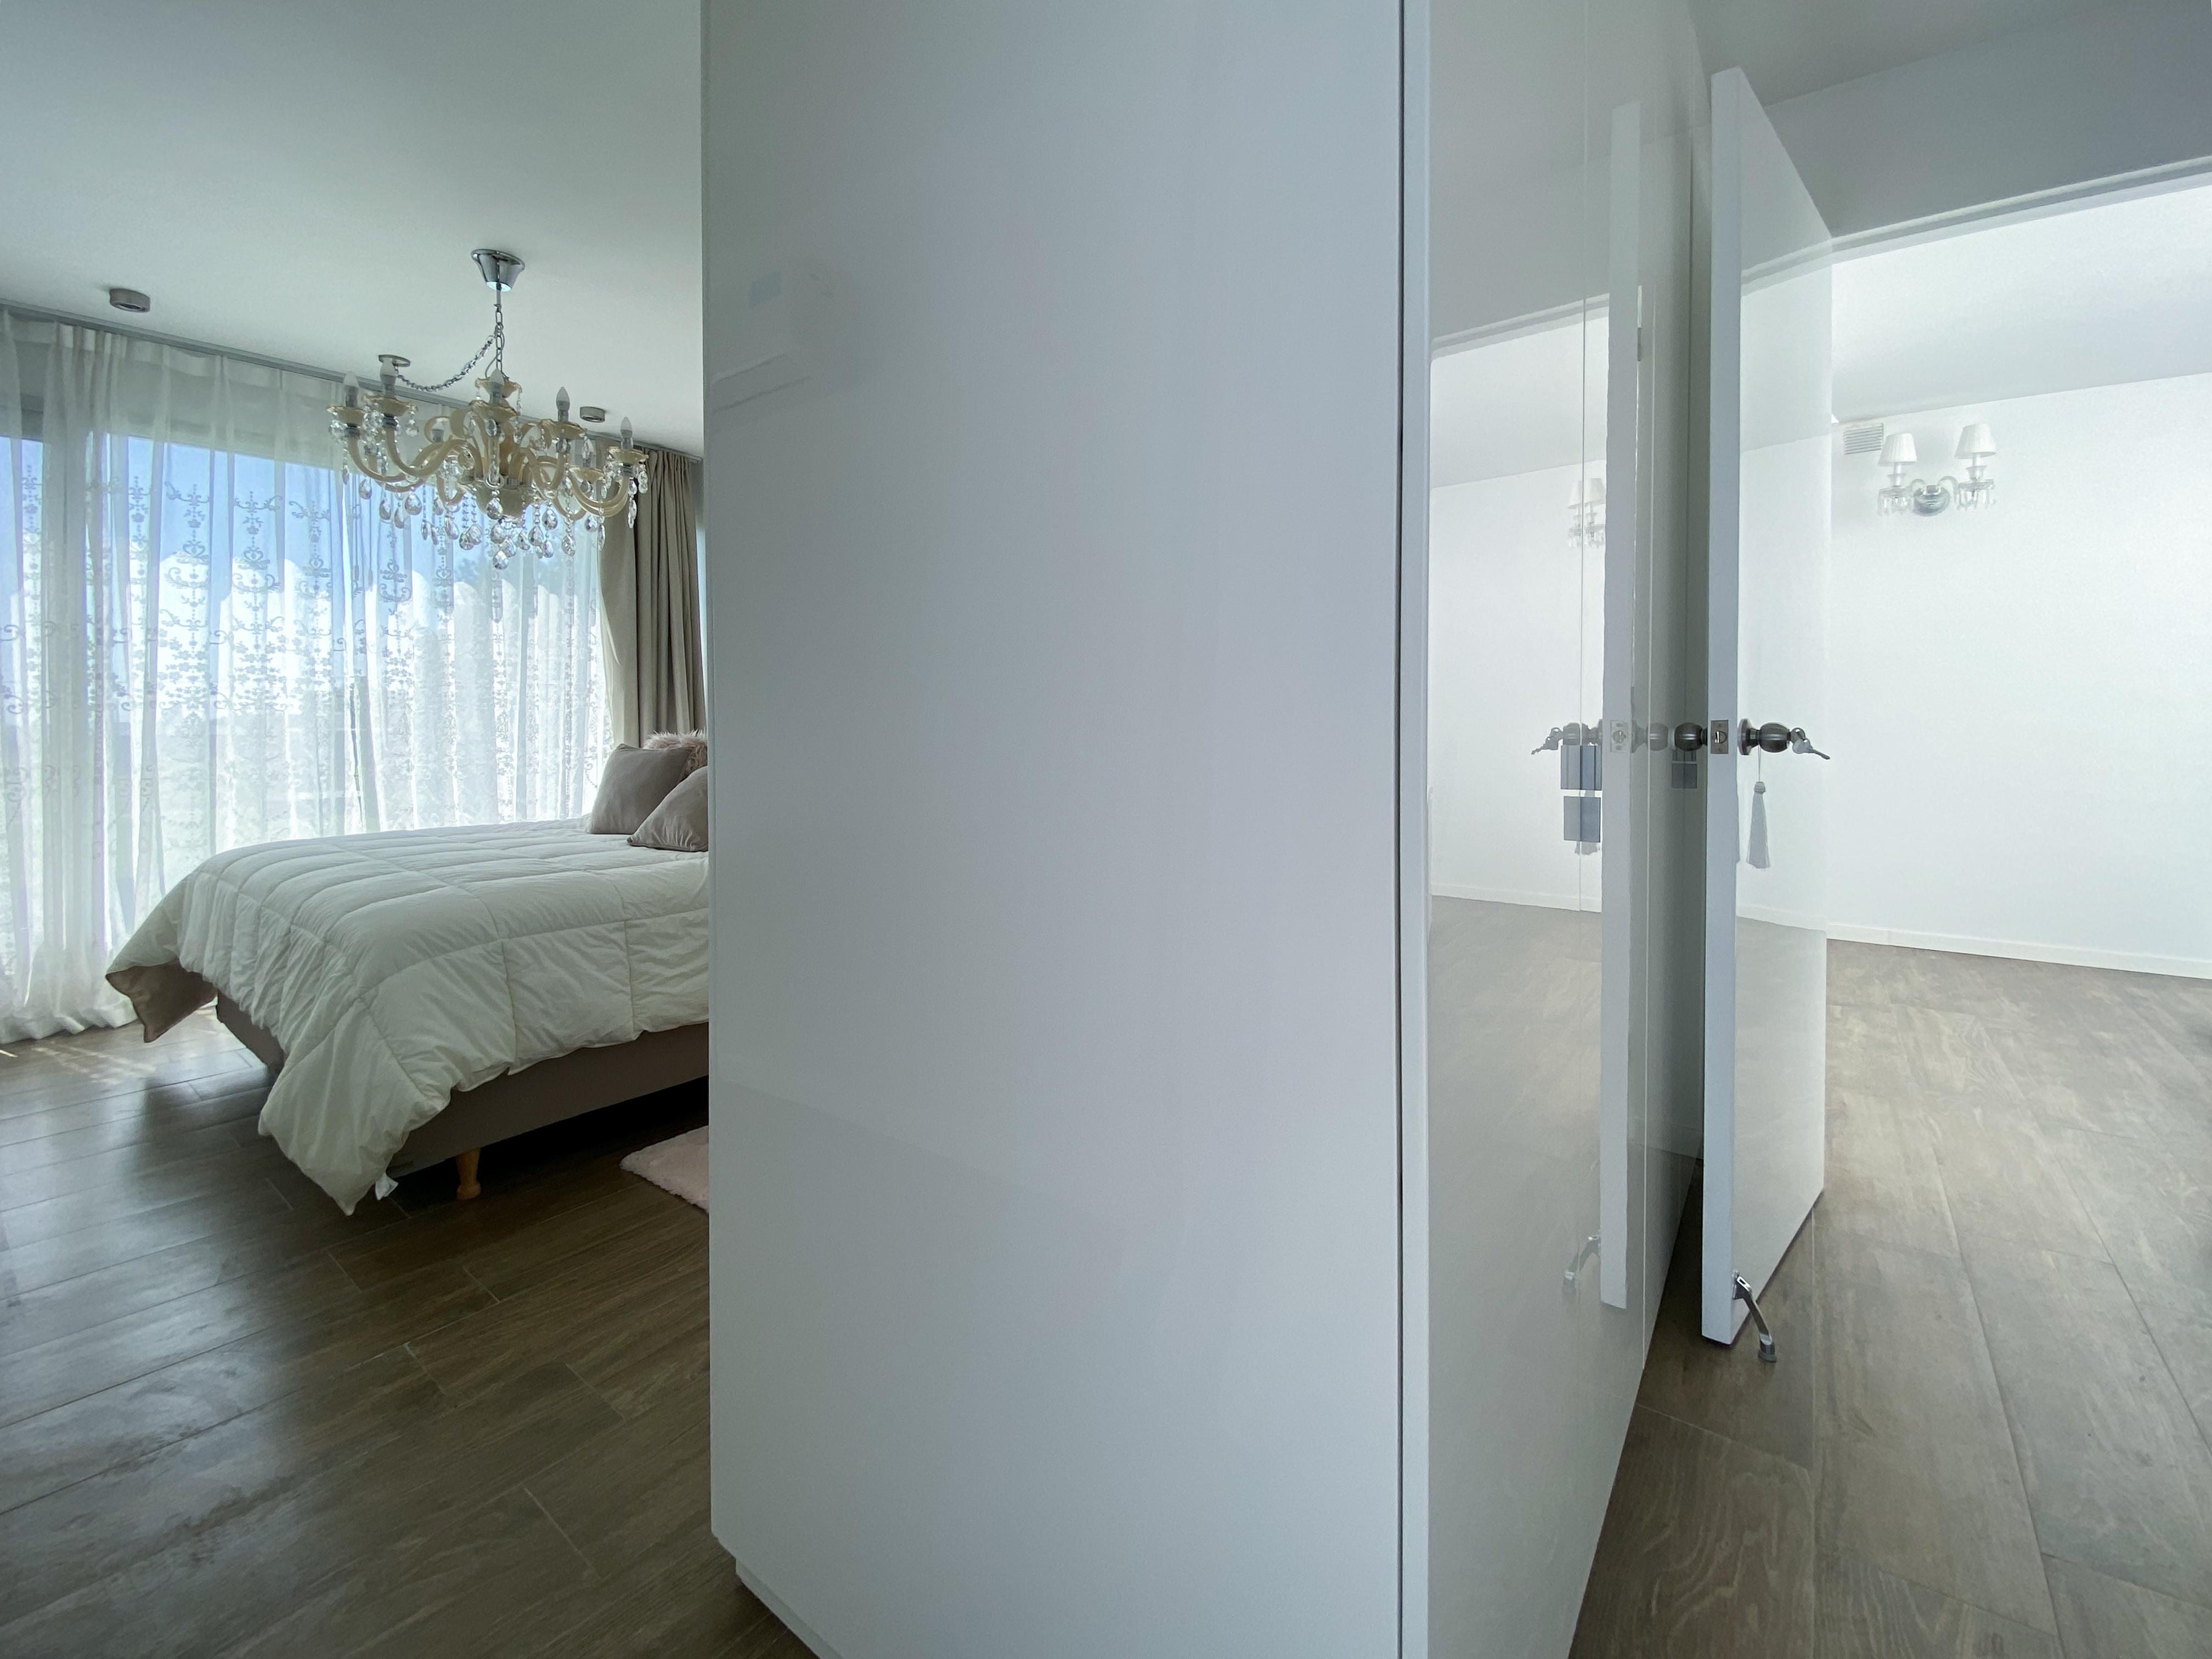 pasillo y dormitorio